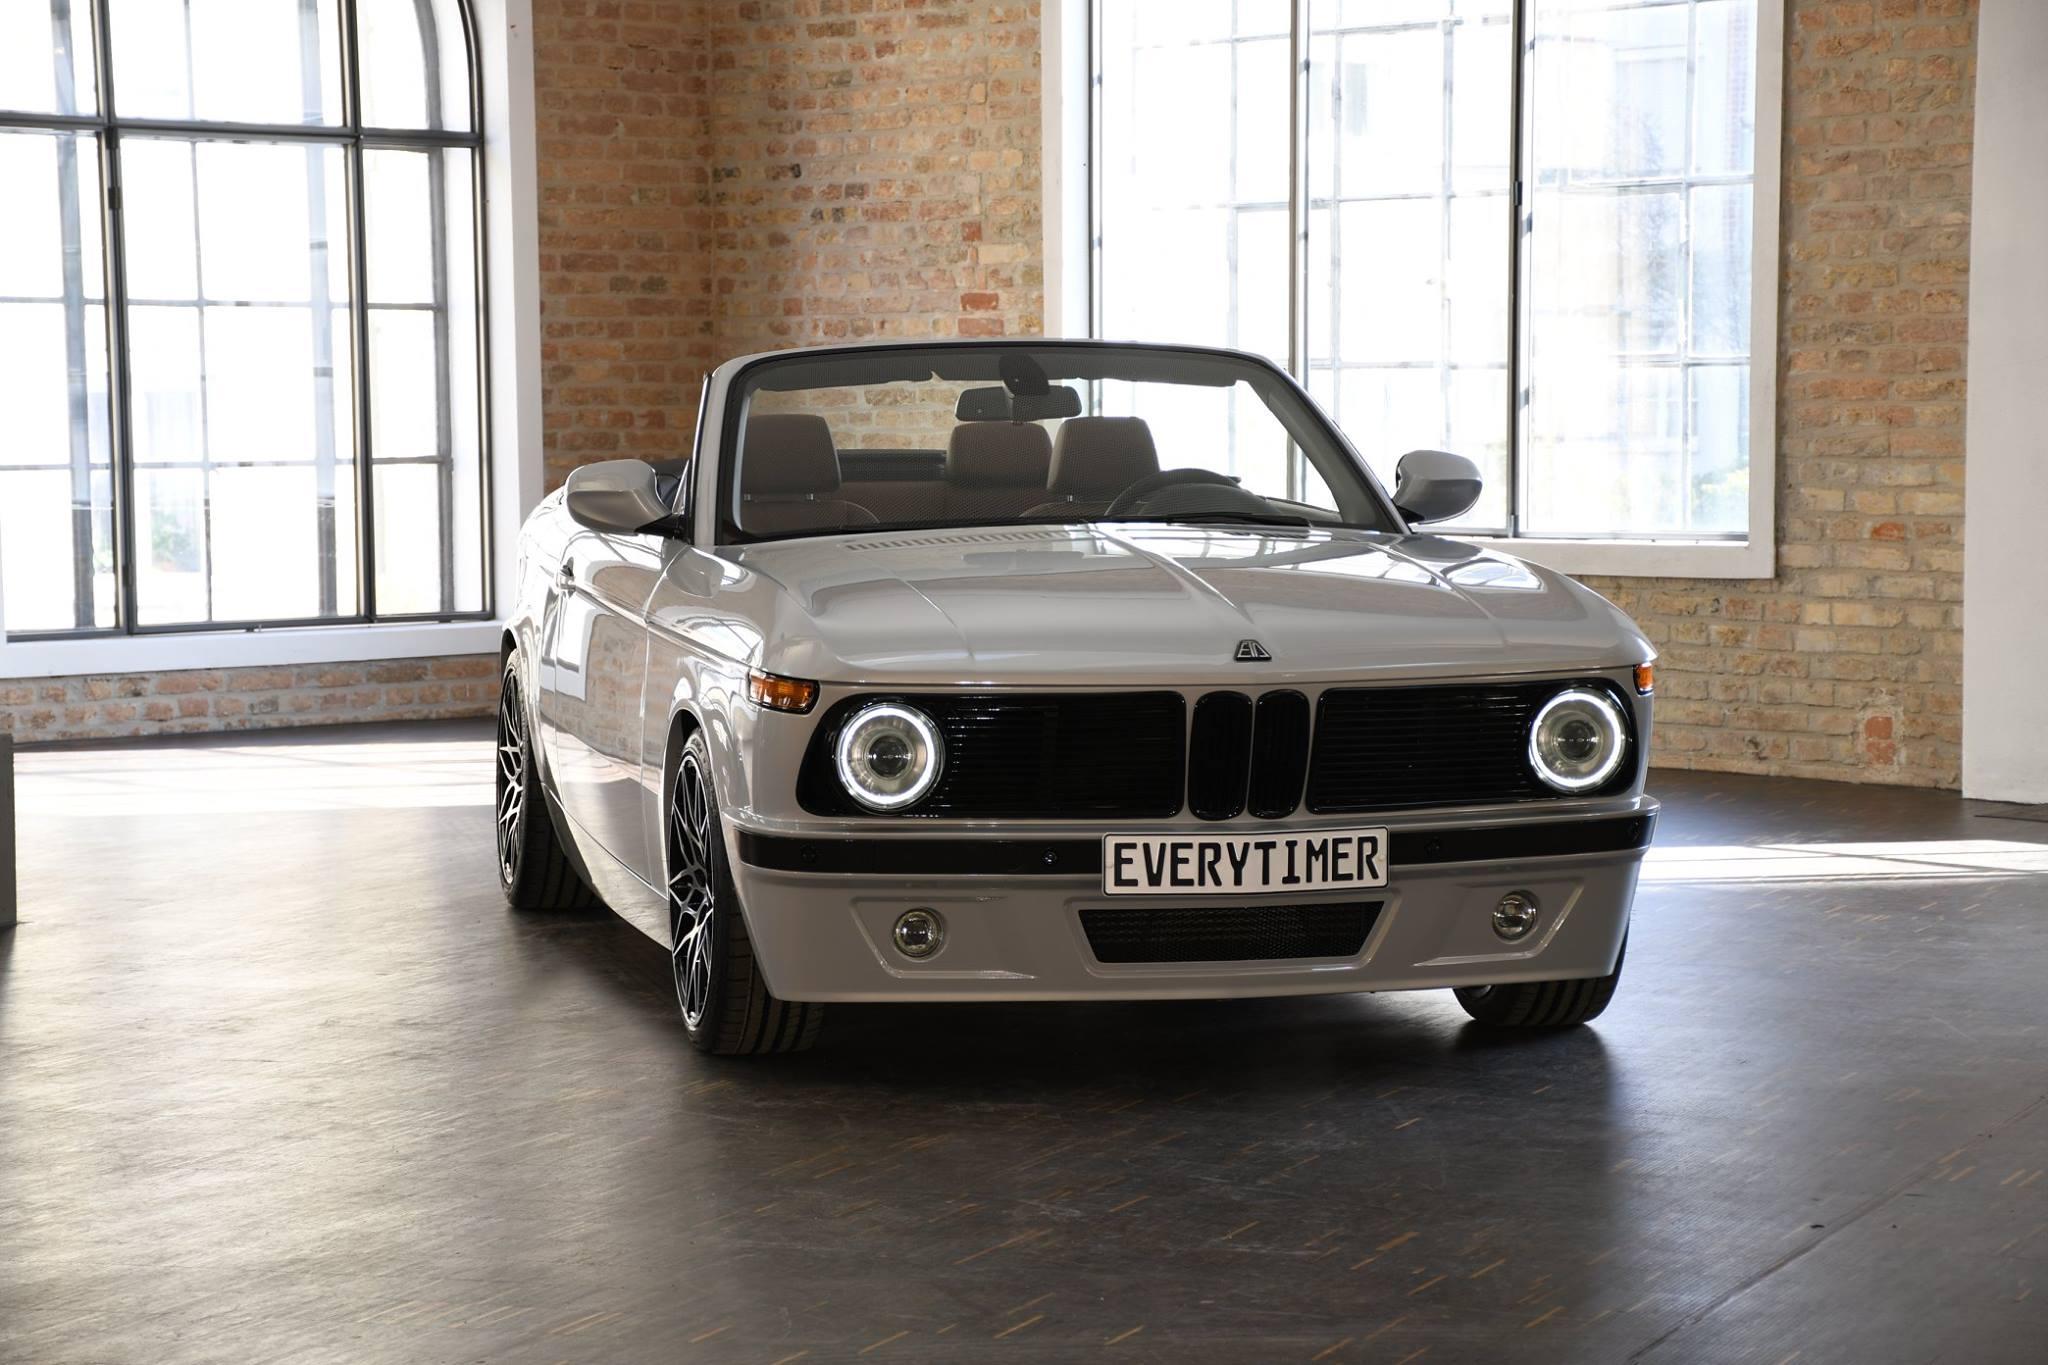 BMW 02 Cabrio by ETA (7)